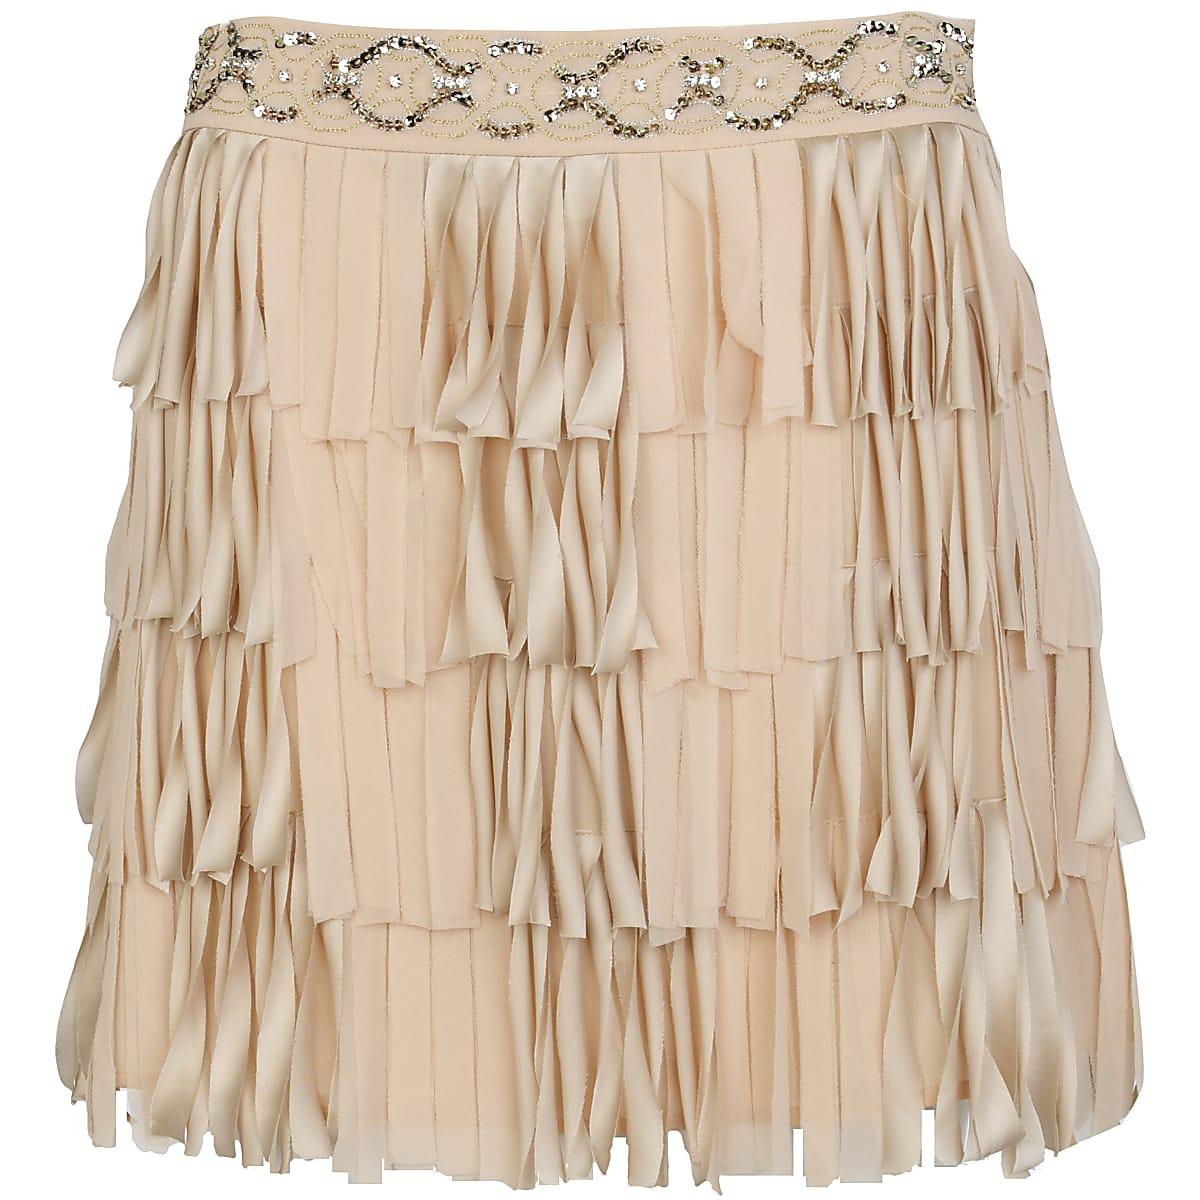 Light pink beaded flapper skirt